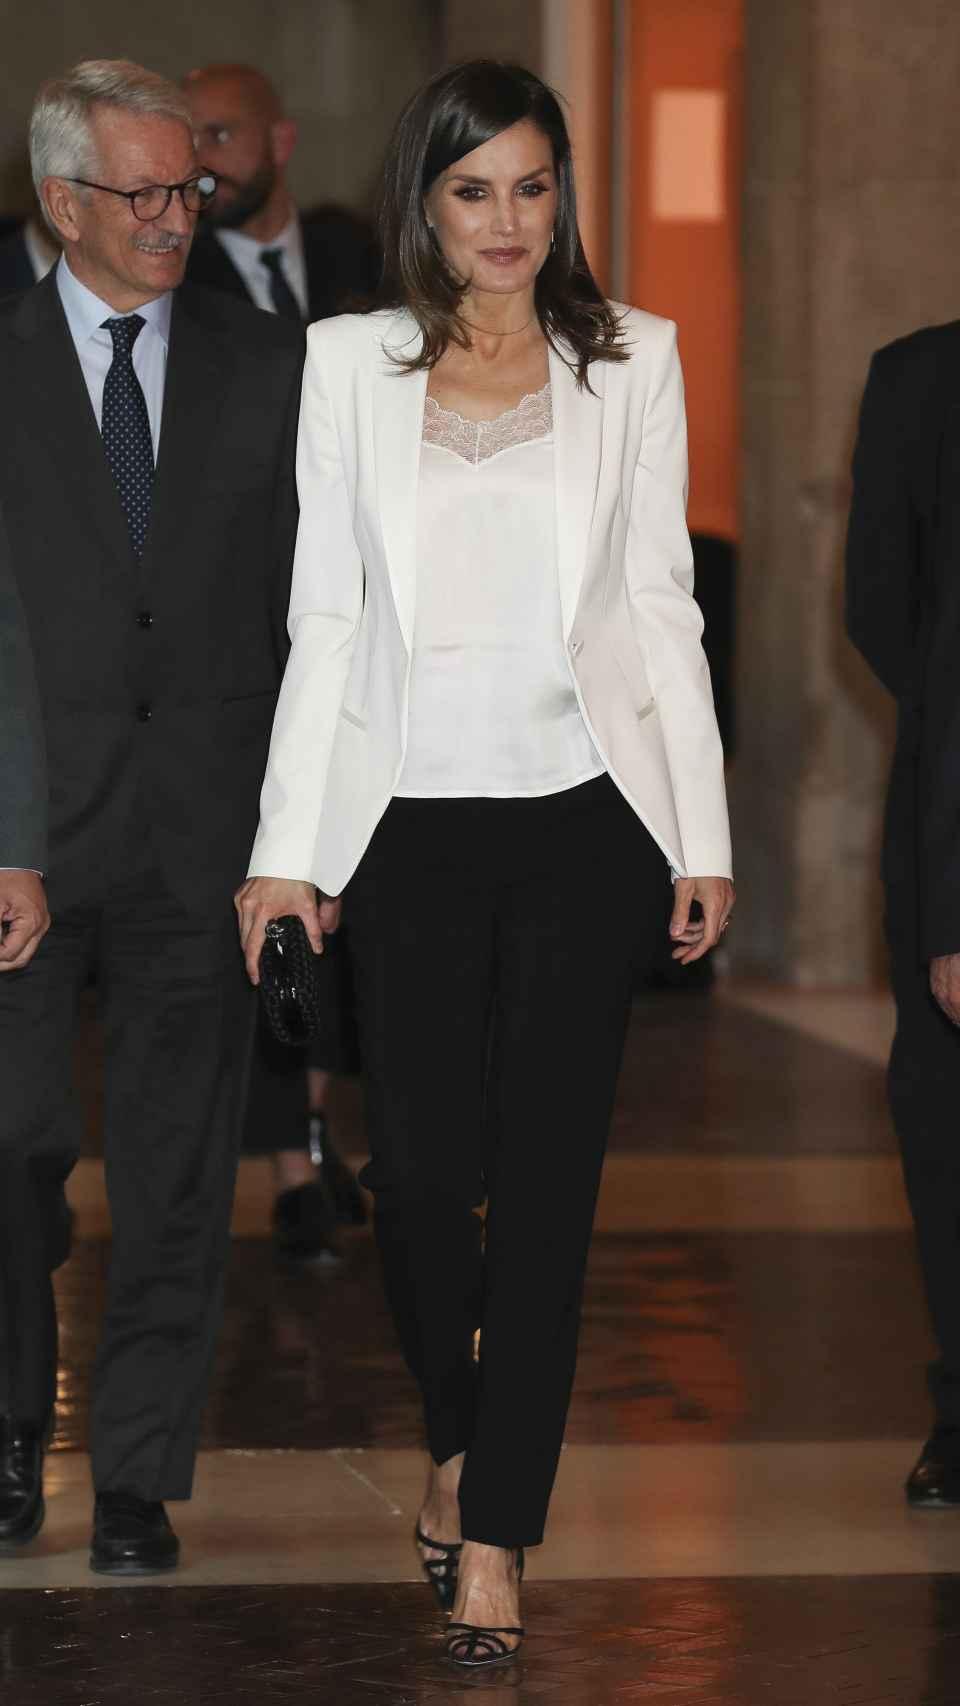 La reina Letizia ha presidido la entrega de premios que ha tenido lugar en el edificio de la Comunidad de Madrid.